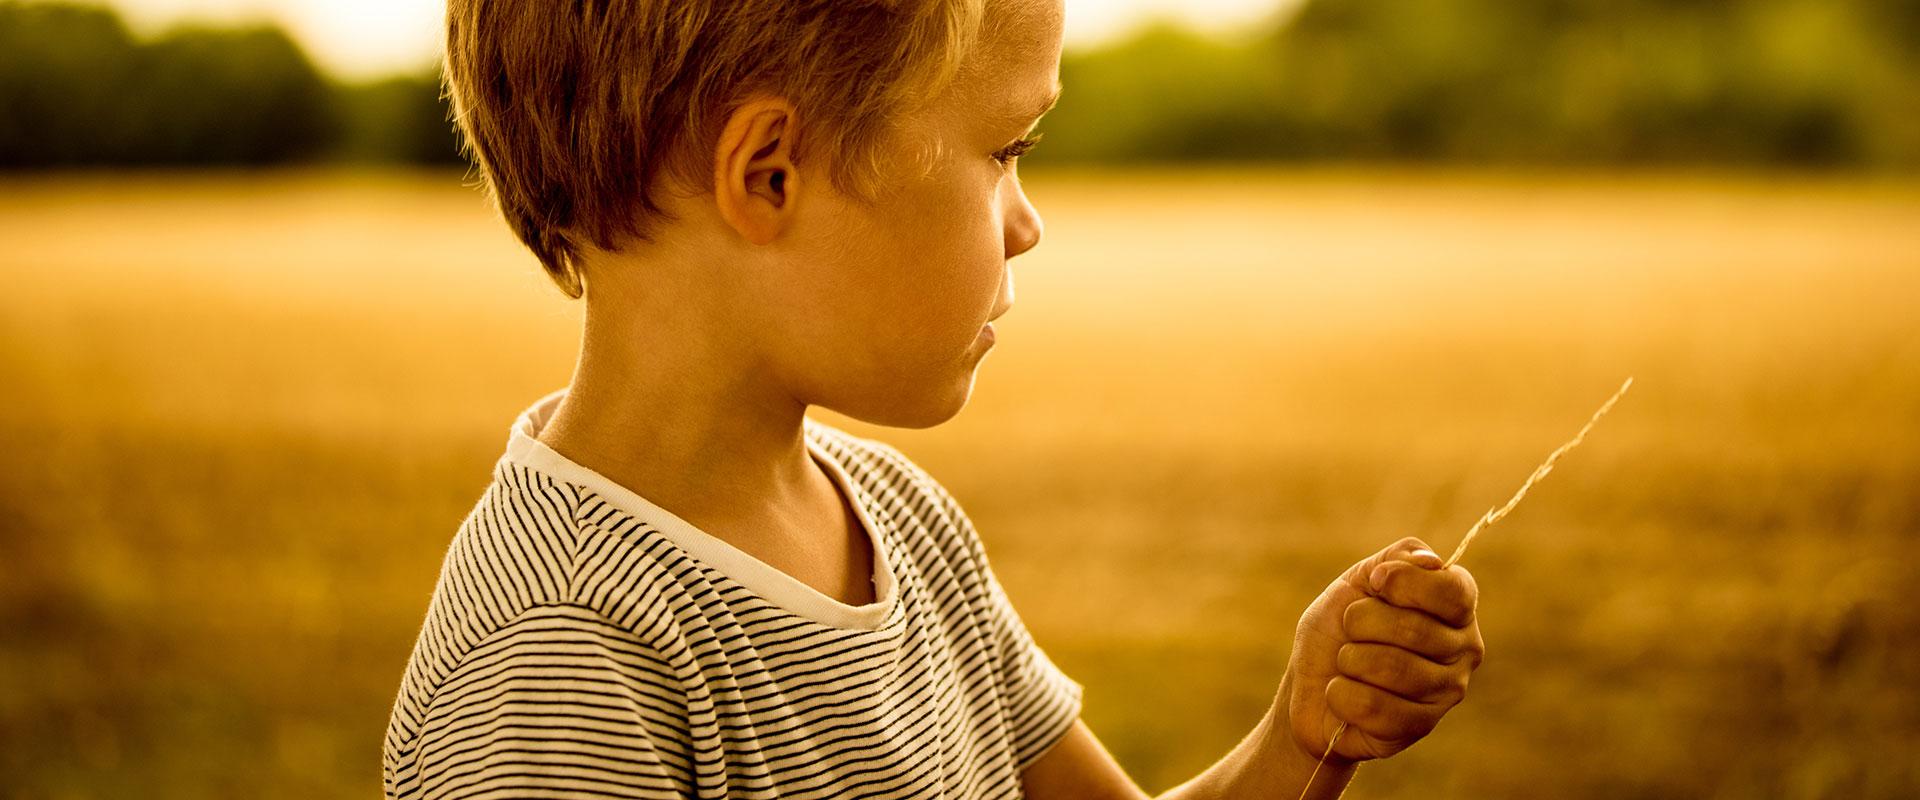 Prawie 1% dzieci rodzi się z autyzmem.